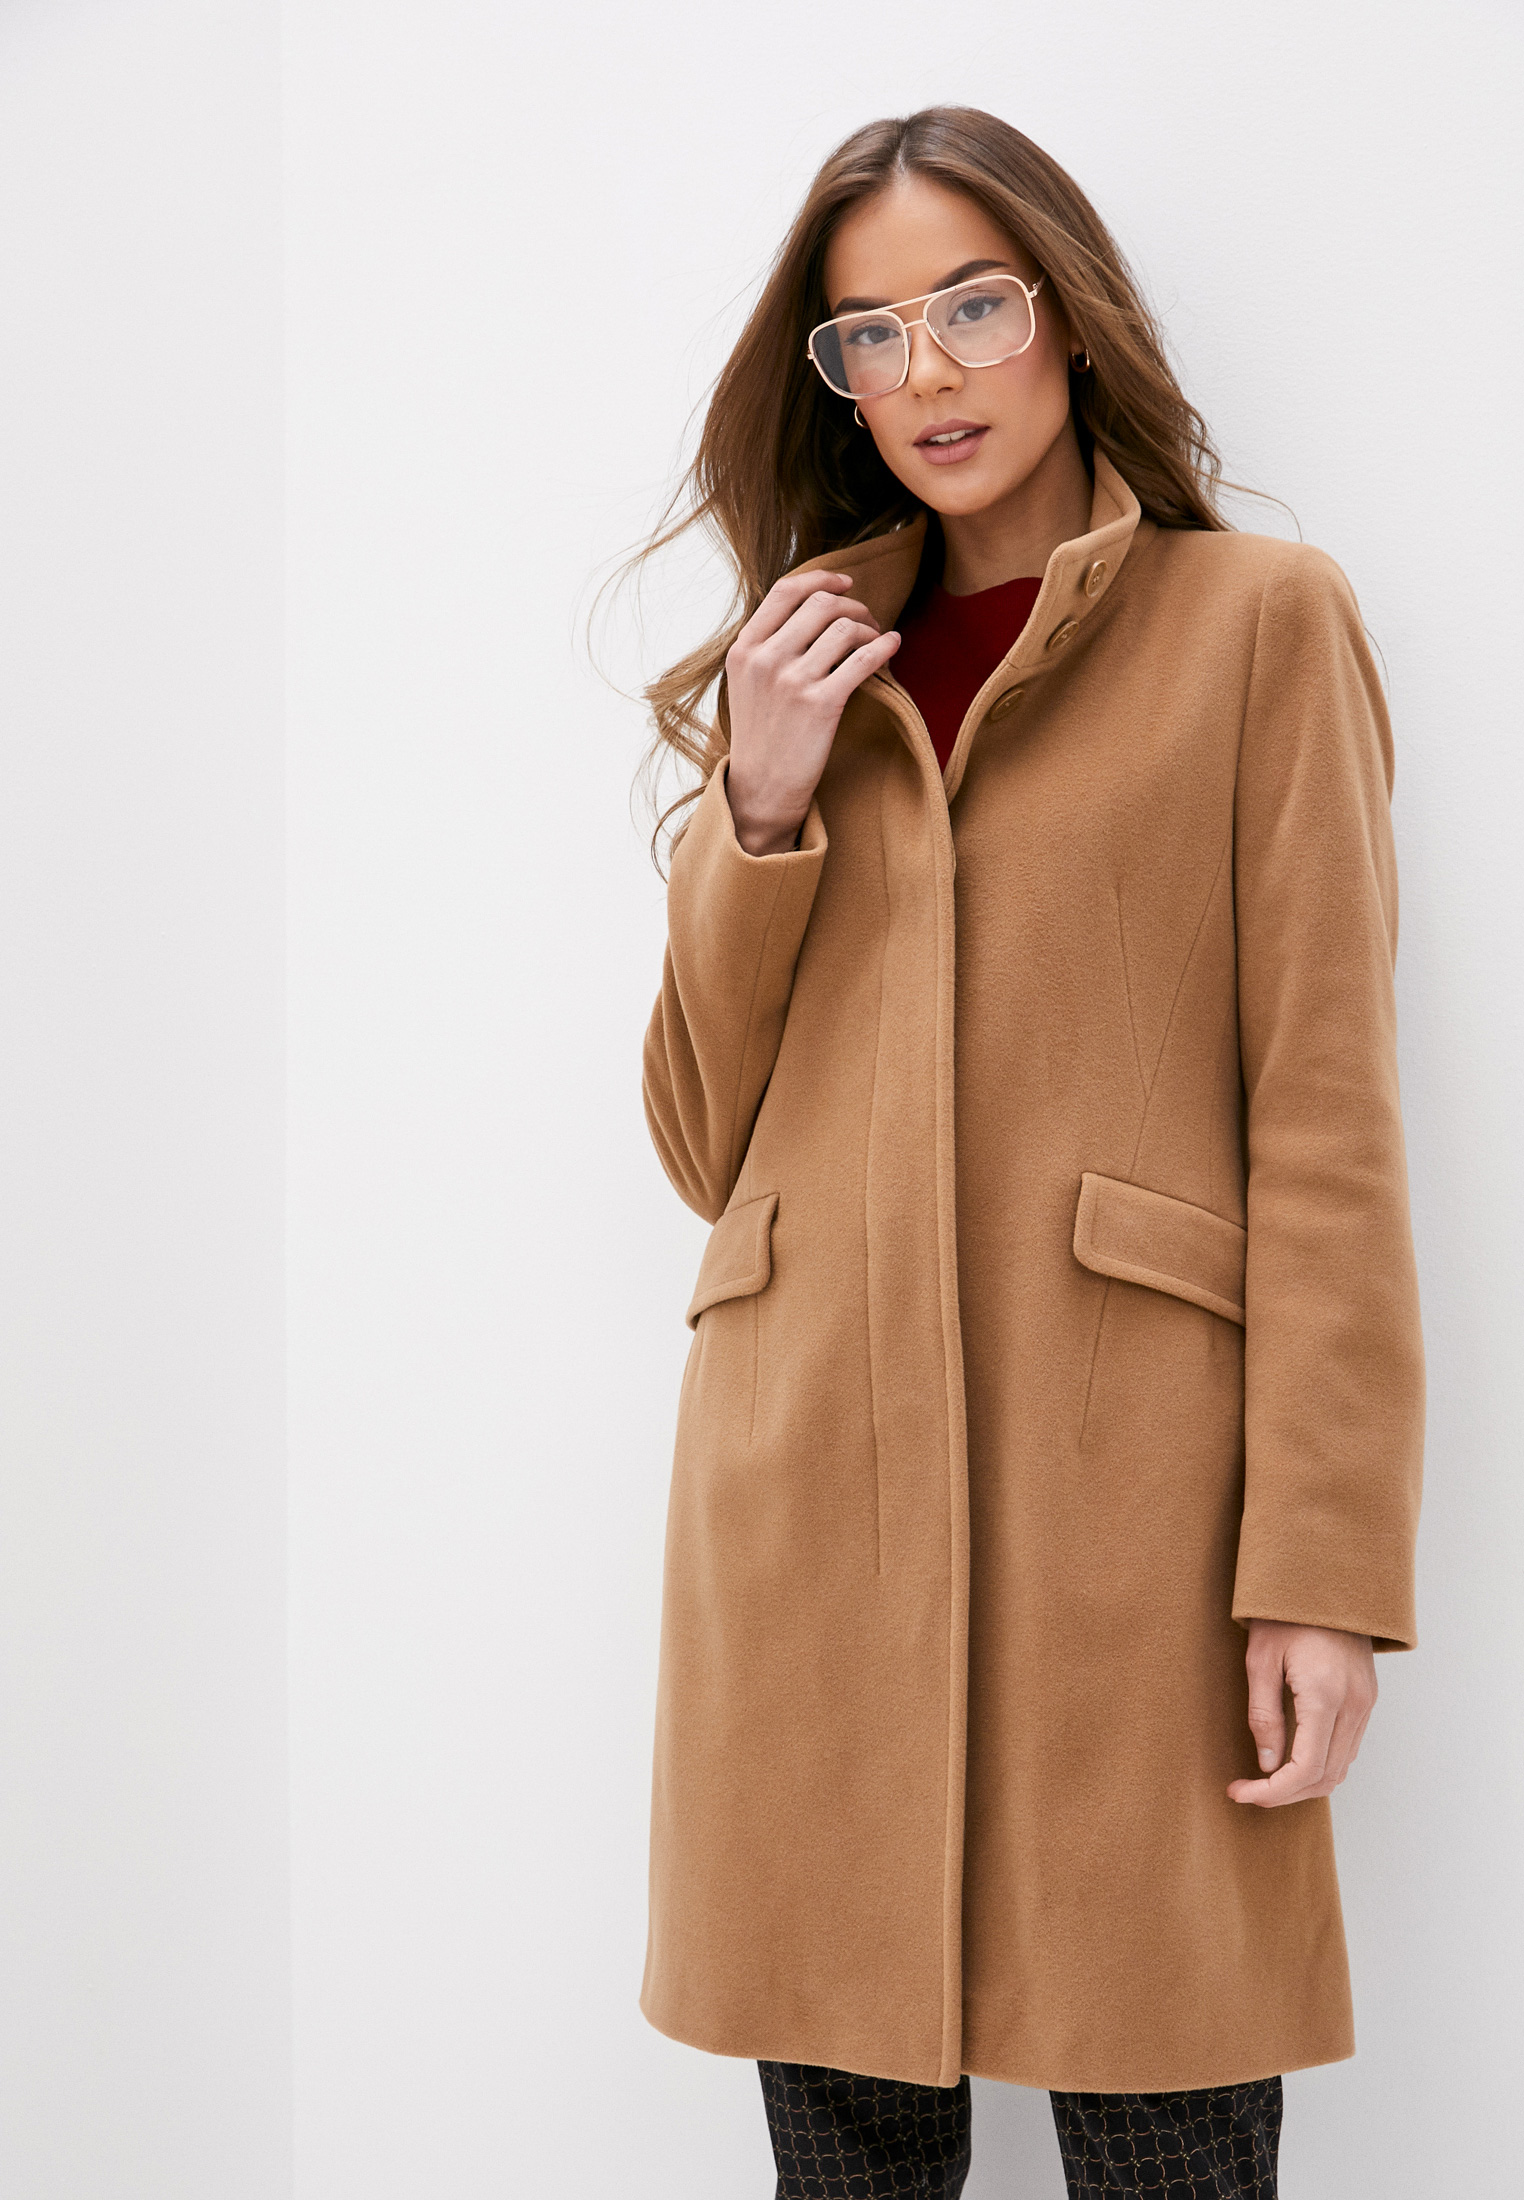 Женские пальто Gerry Weber (Гарри Вебер) 95092-38901